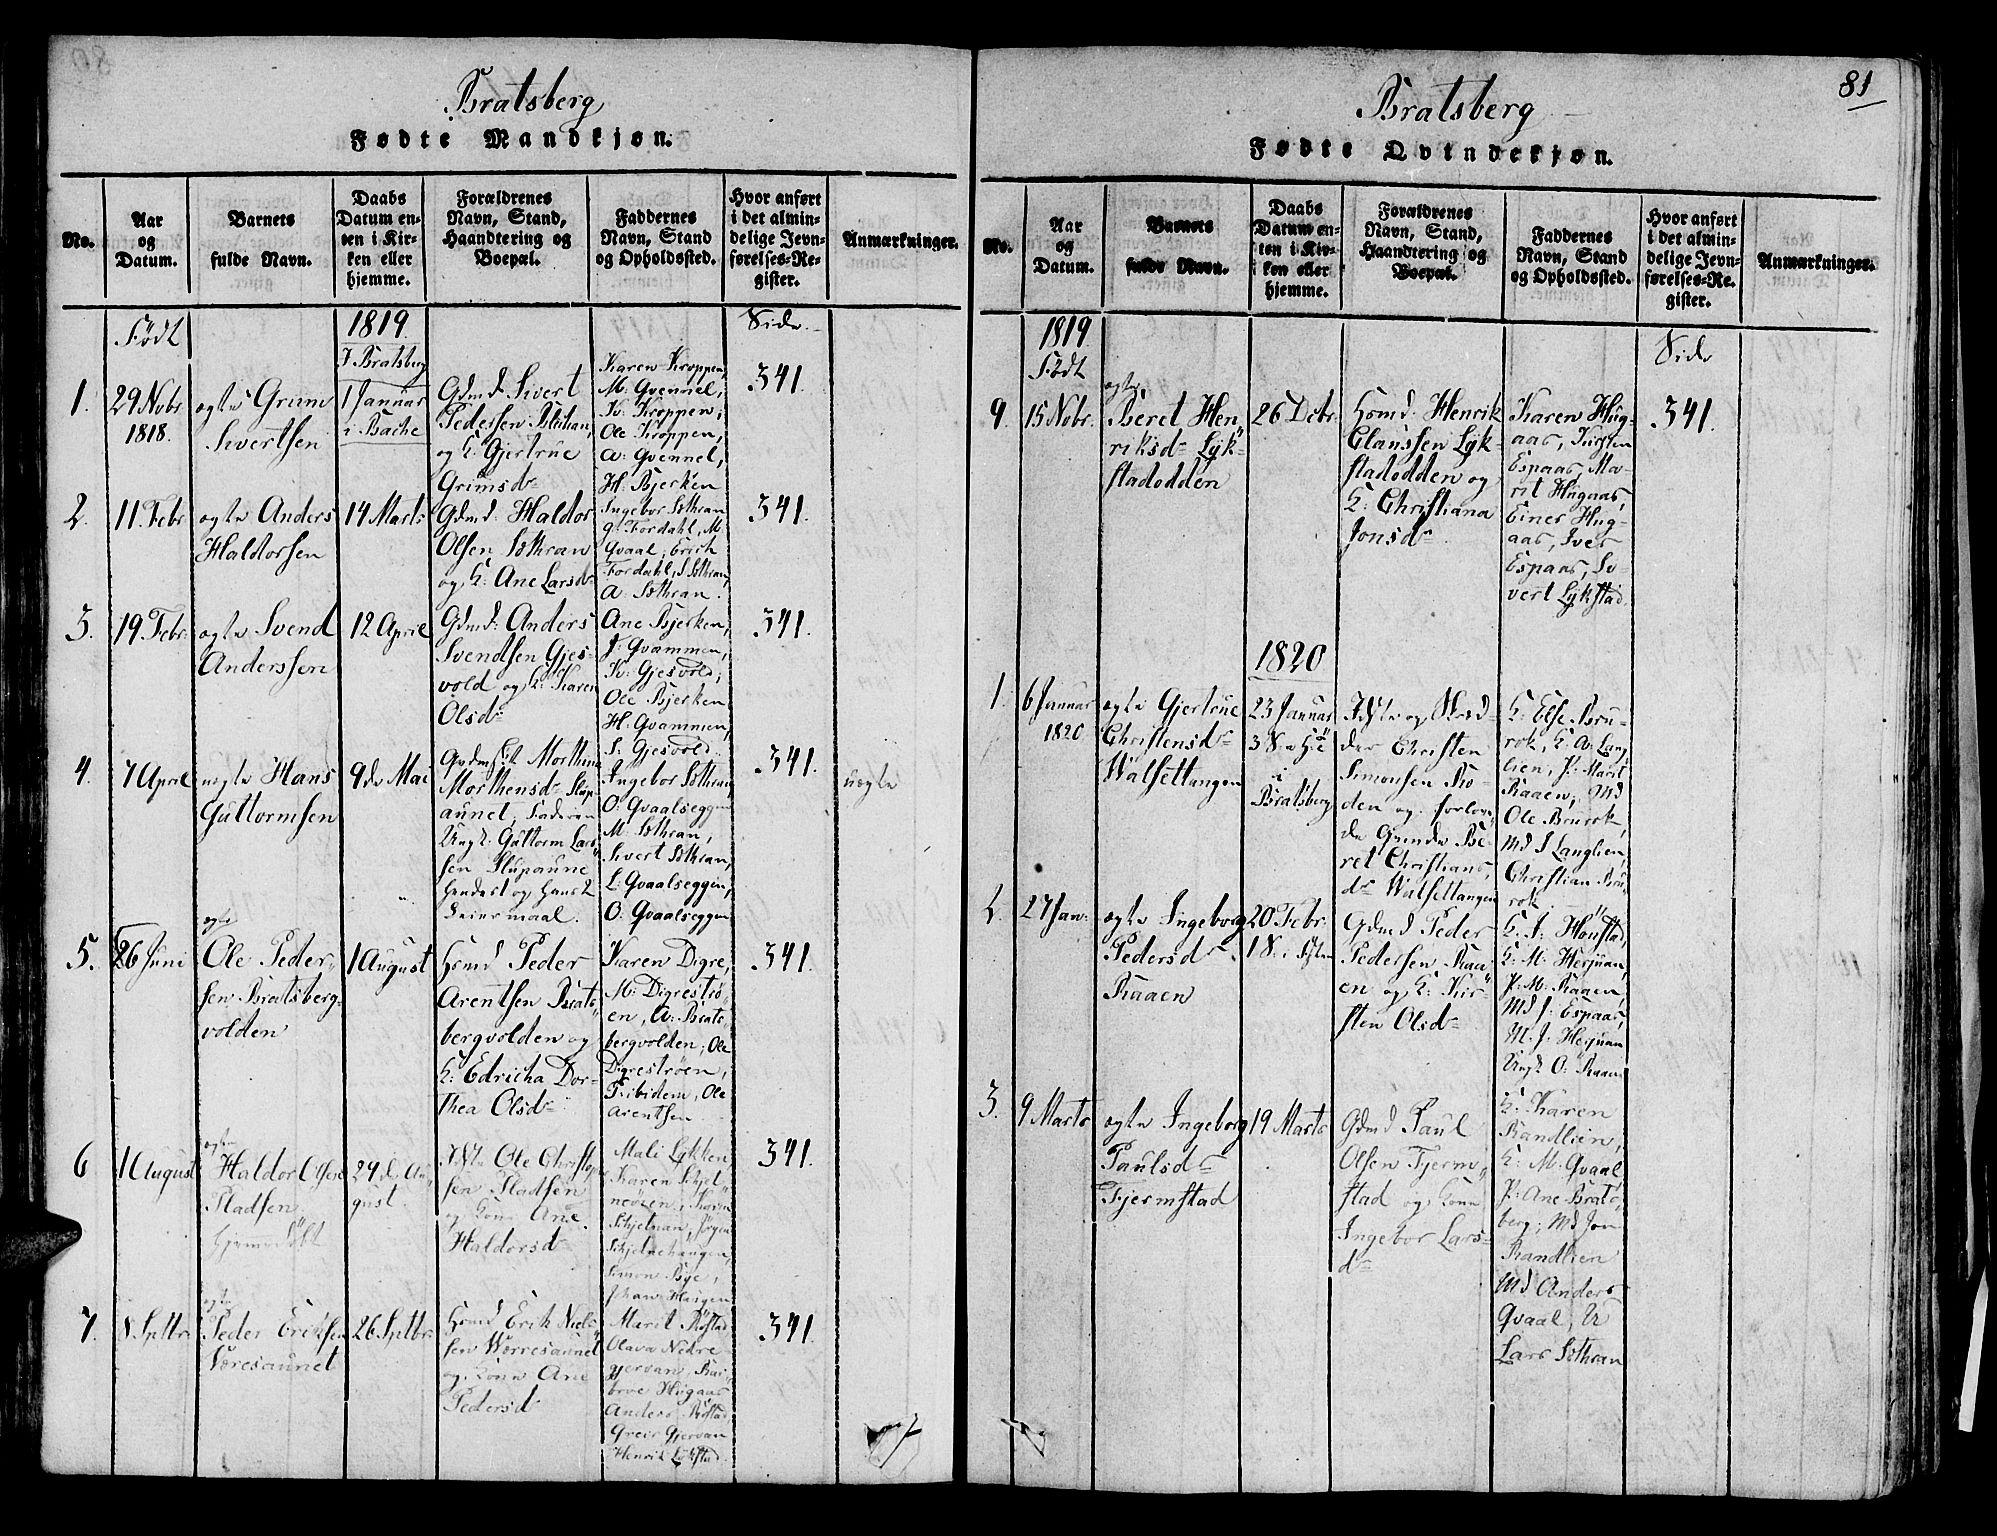 SAT, Ministerialprotokoller, klokkerbøker og fødselsregistre - Sør-Trøndelag, 606/L0285: Ministerialbok nr. 606A03 /3, 1819-1823, s. 81